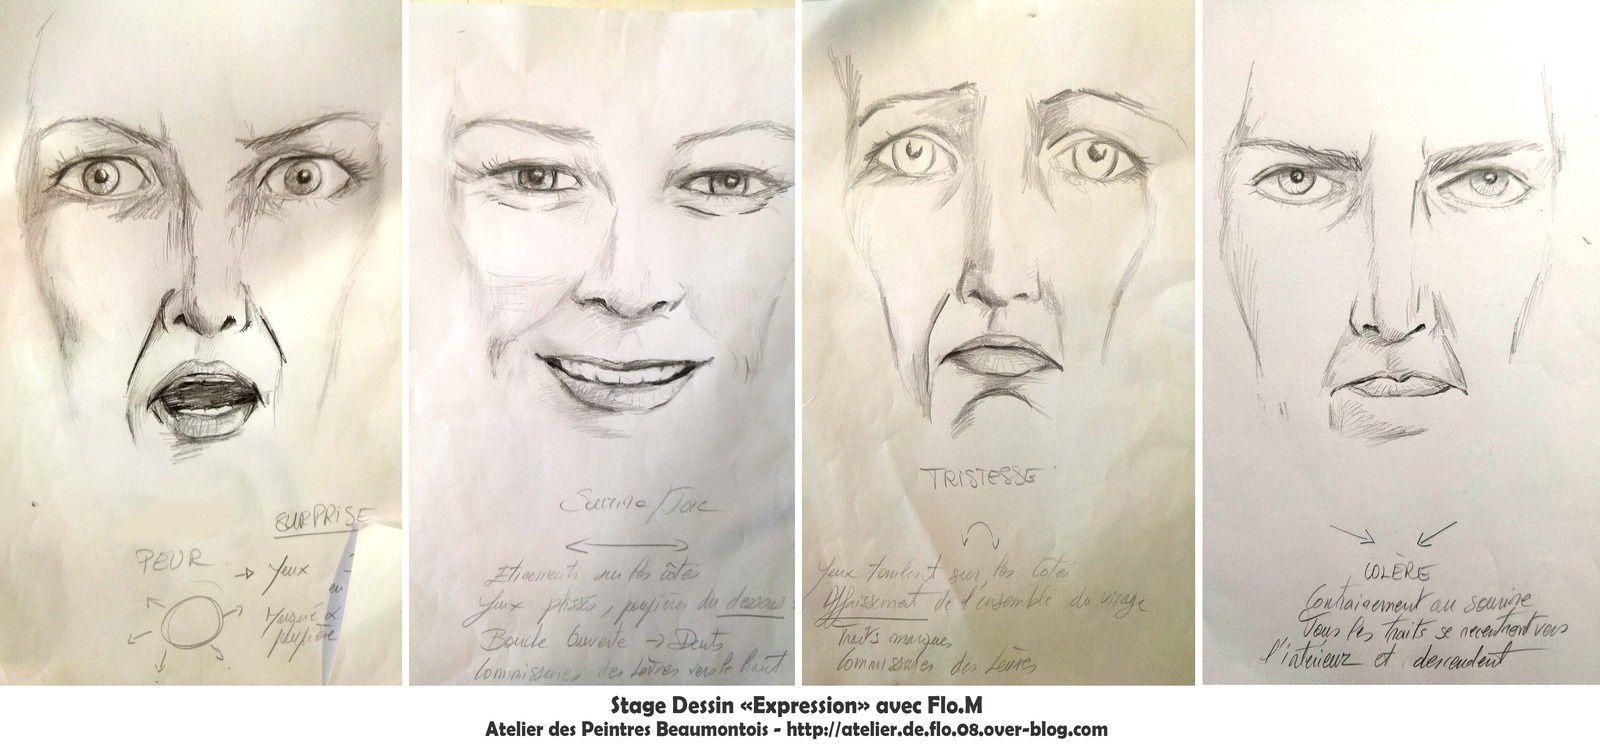 Expressions types pour dessiner un portrait expressif avec Flo.M - Stage à Beaumont - Auvergne : flo.plasticienne@gmail.com